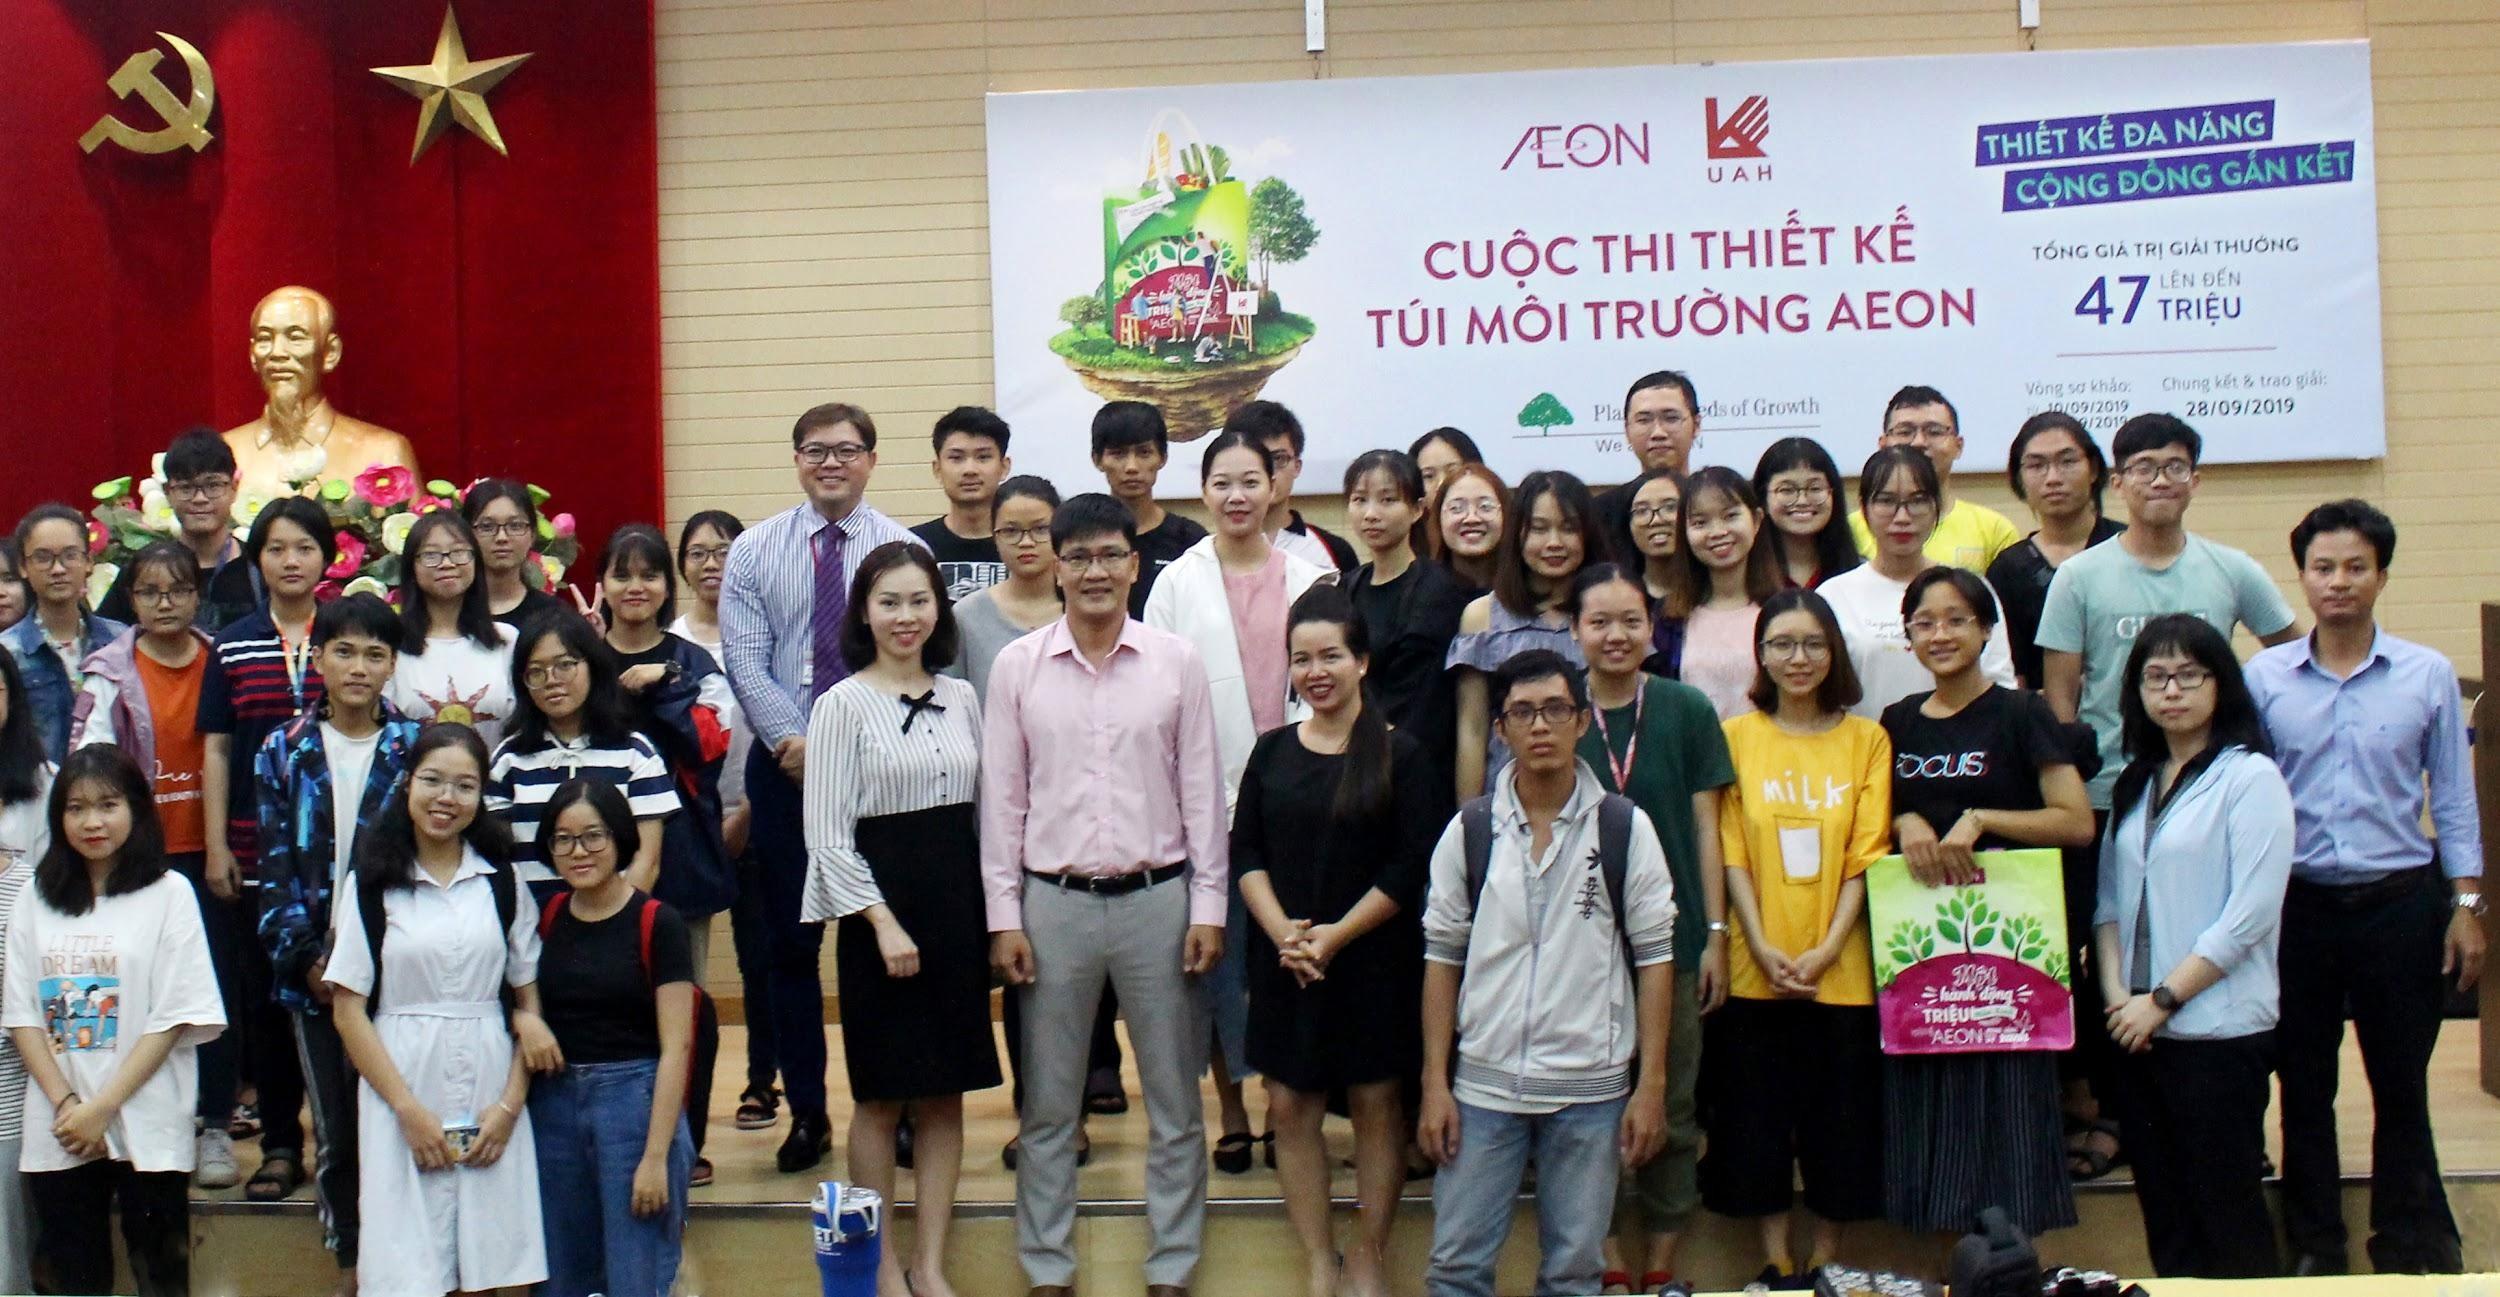 Với mục tiêu giảm thiểu túi ni-lông, cuộc thi nhận được sự quan tâm từ đông đảo các bạn sinh viên đại học Kiến Trúc TP.HCM